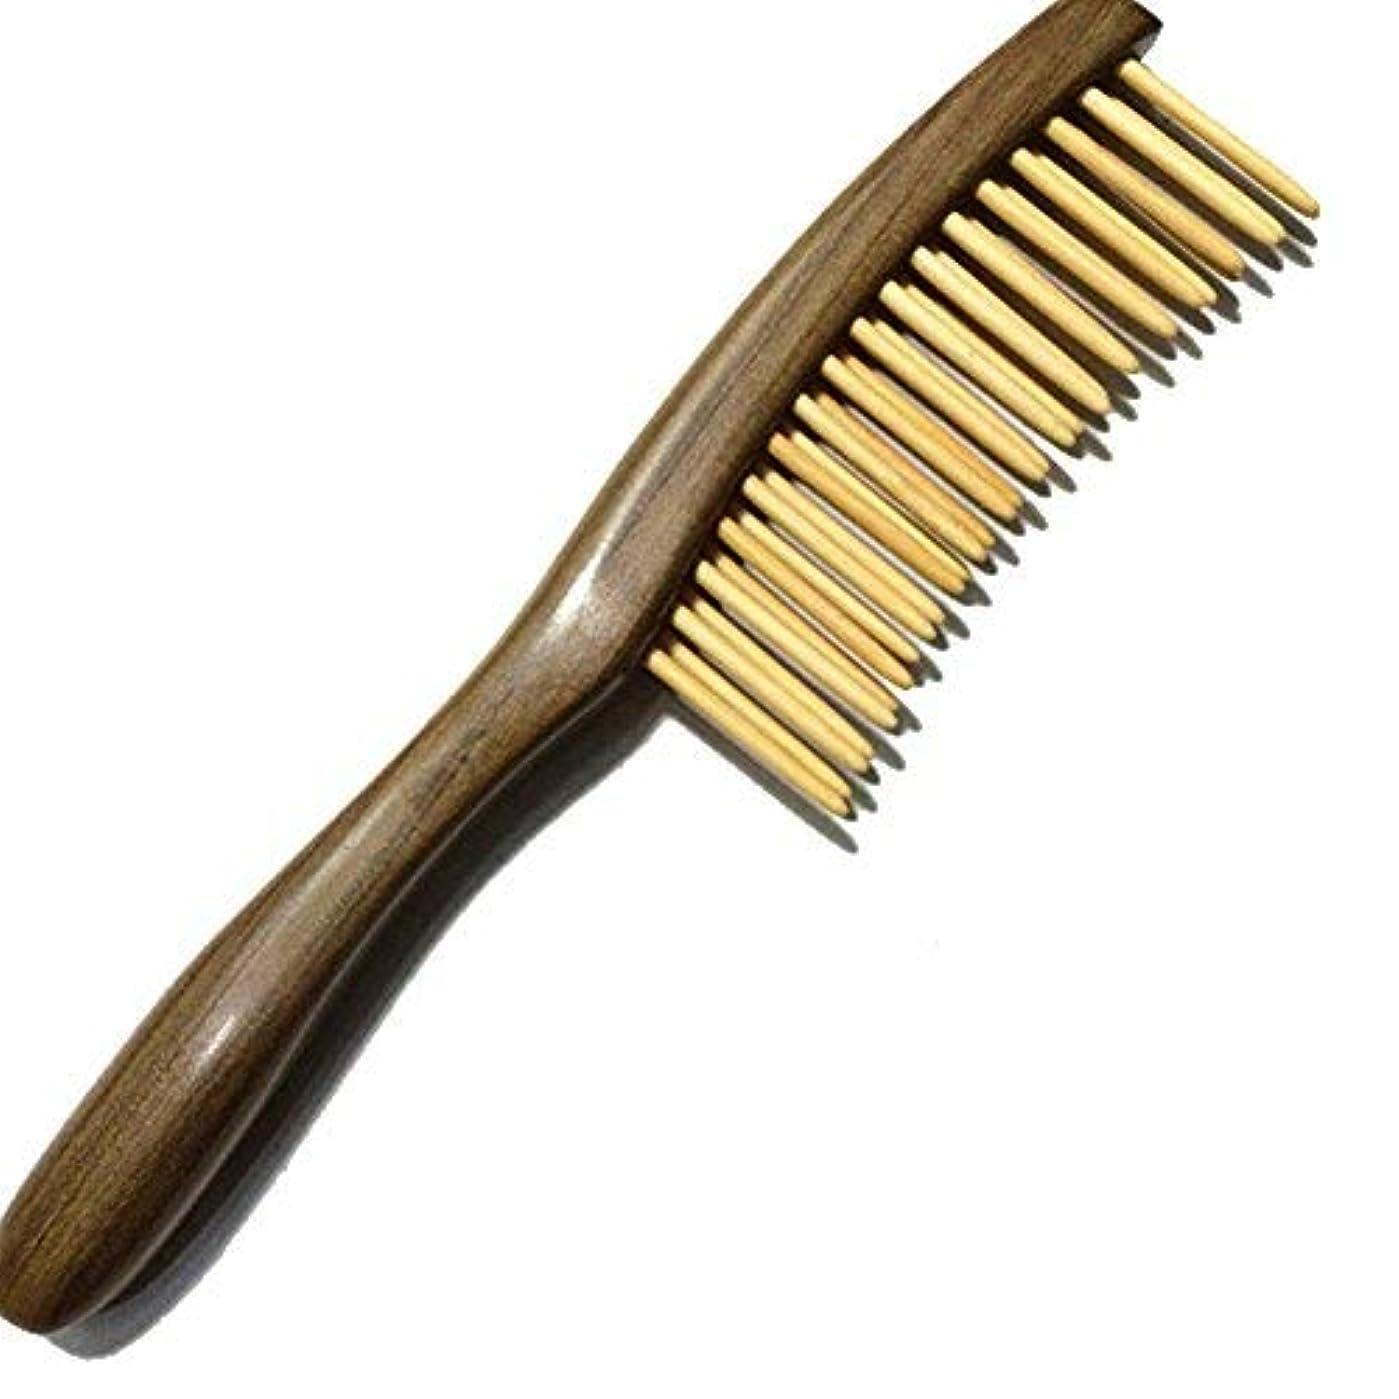 クラス繊維ようこそFitlyiee Double Rows Teeth Sandalwood Hair Comb Anti-Static Handmade Wide Tooth Wooden Comb [並行輸入品]